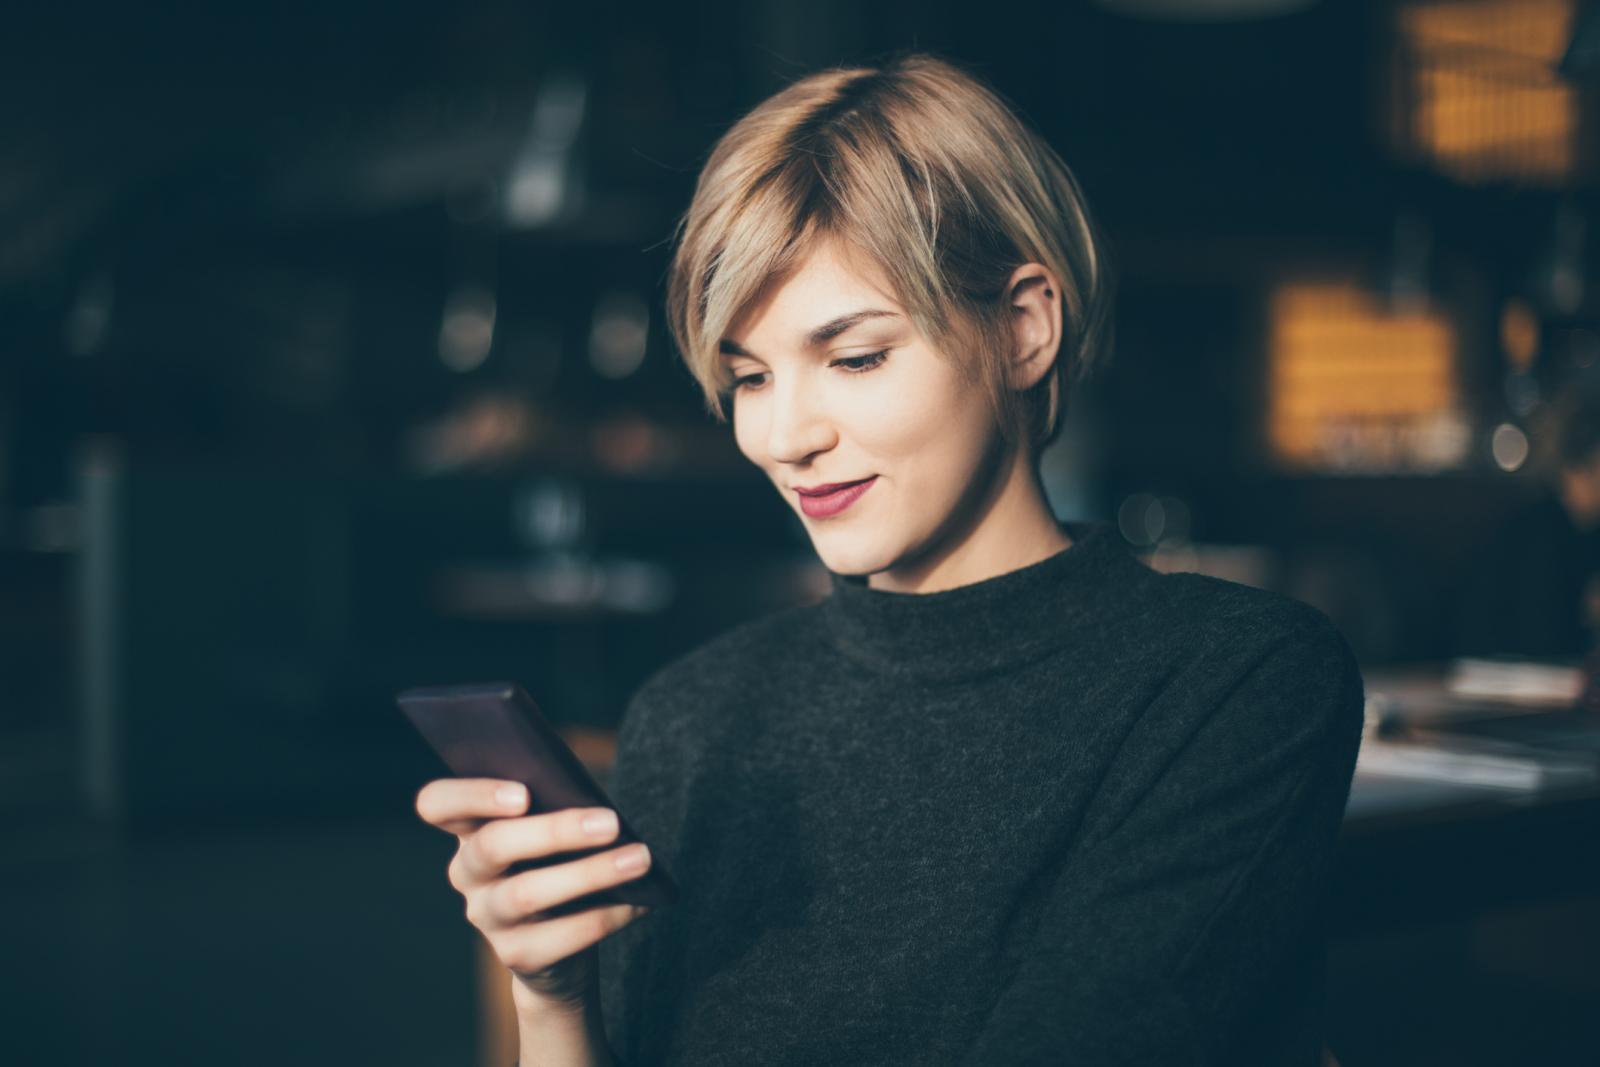 Imate li i vi običaj odmah odgovarati nas SMS poruku?